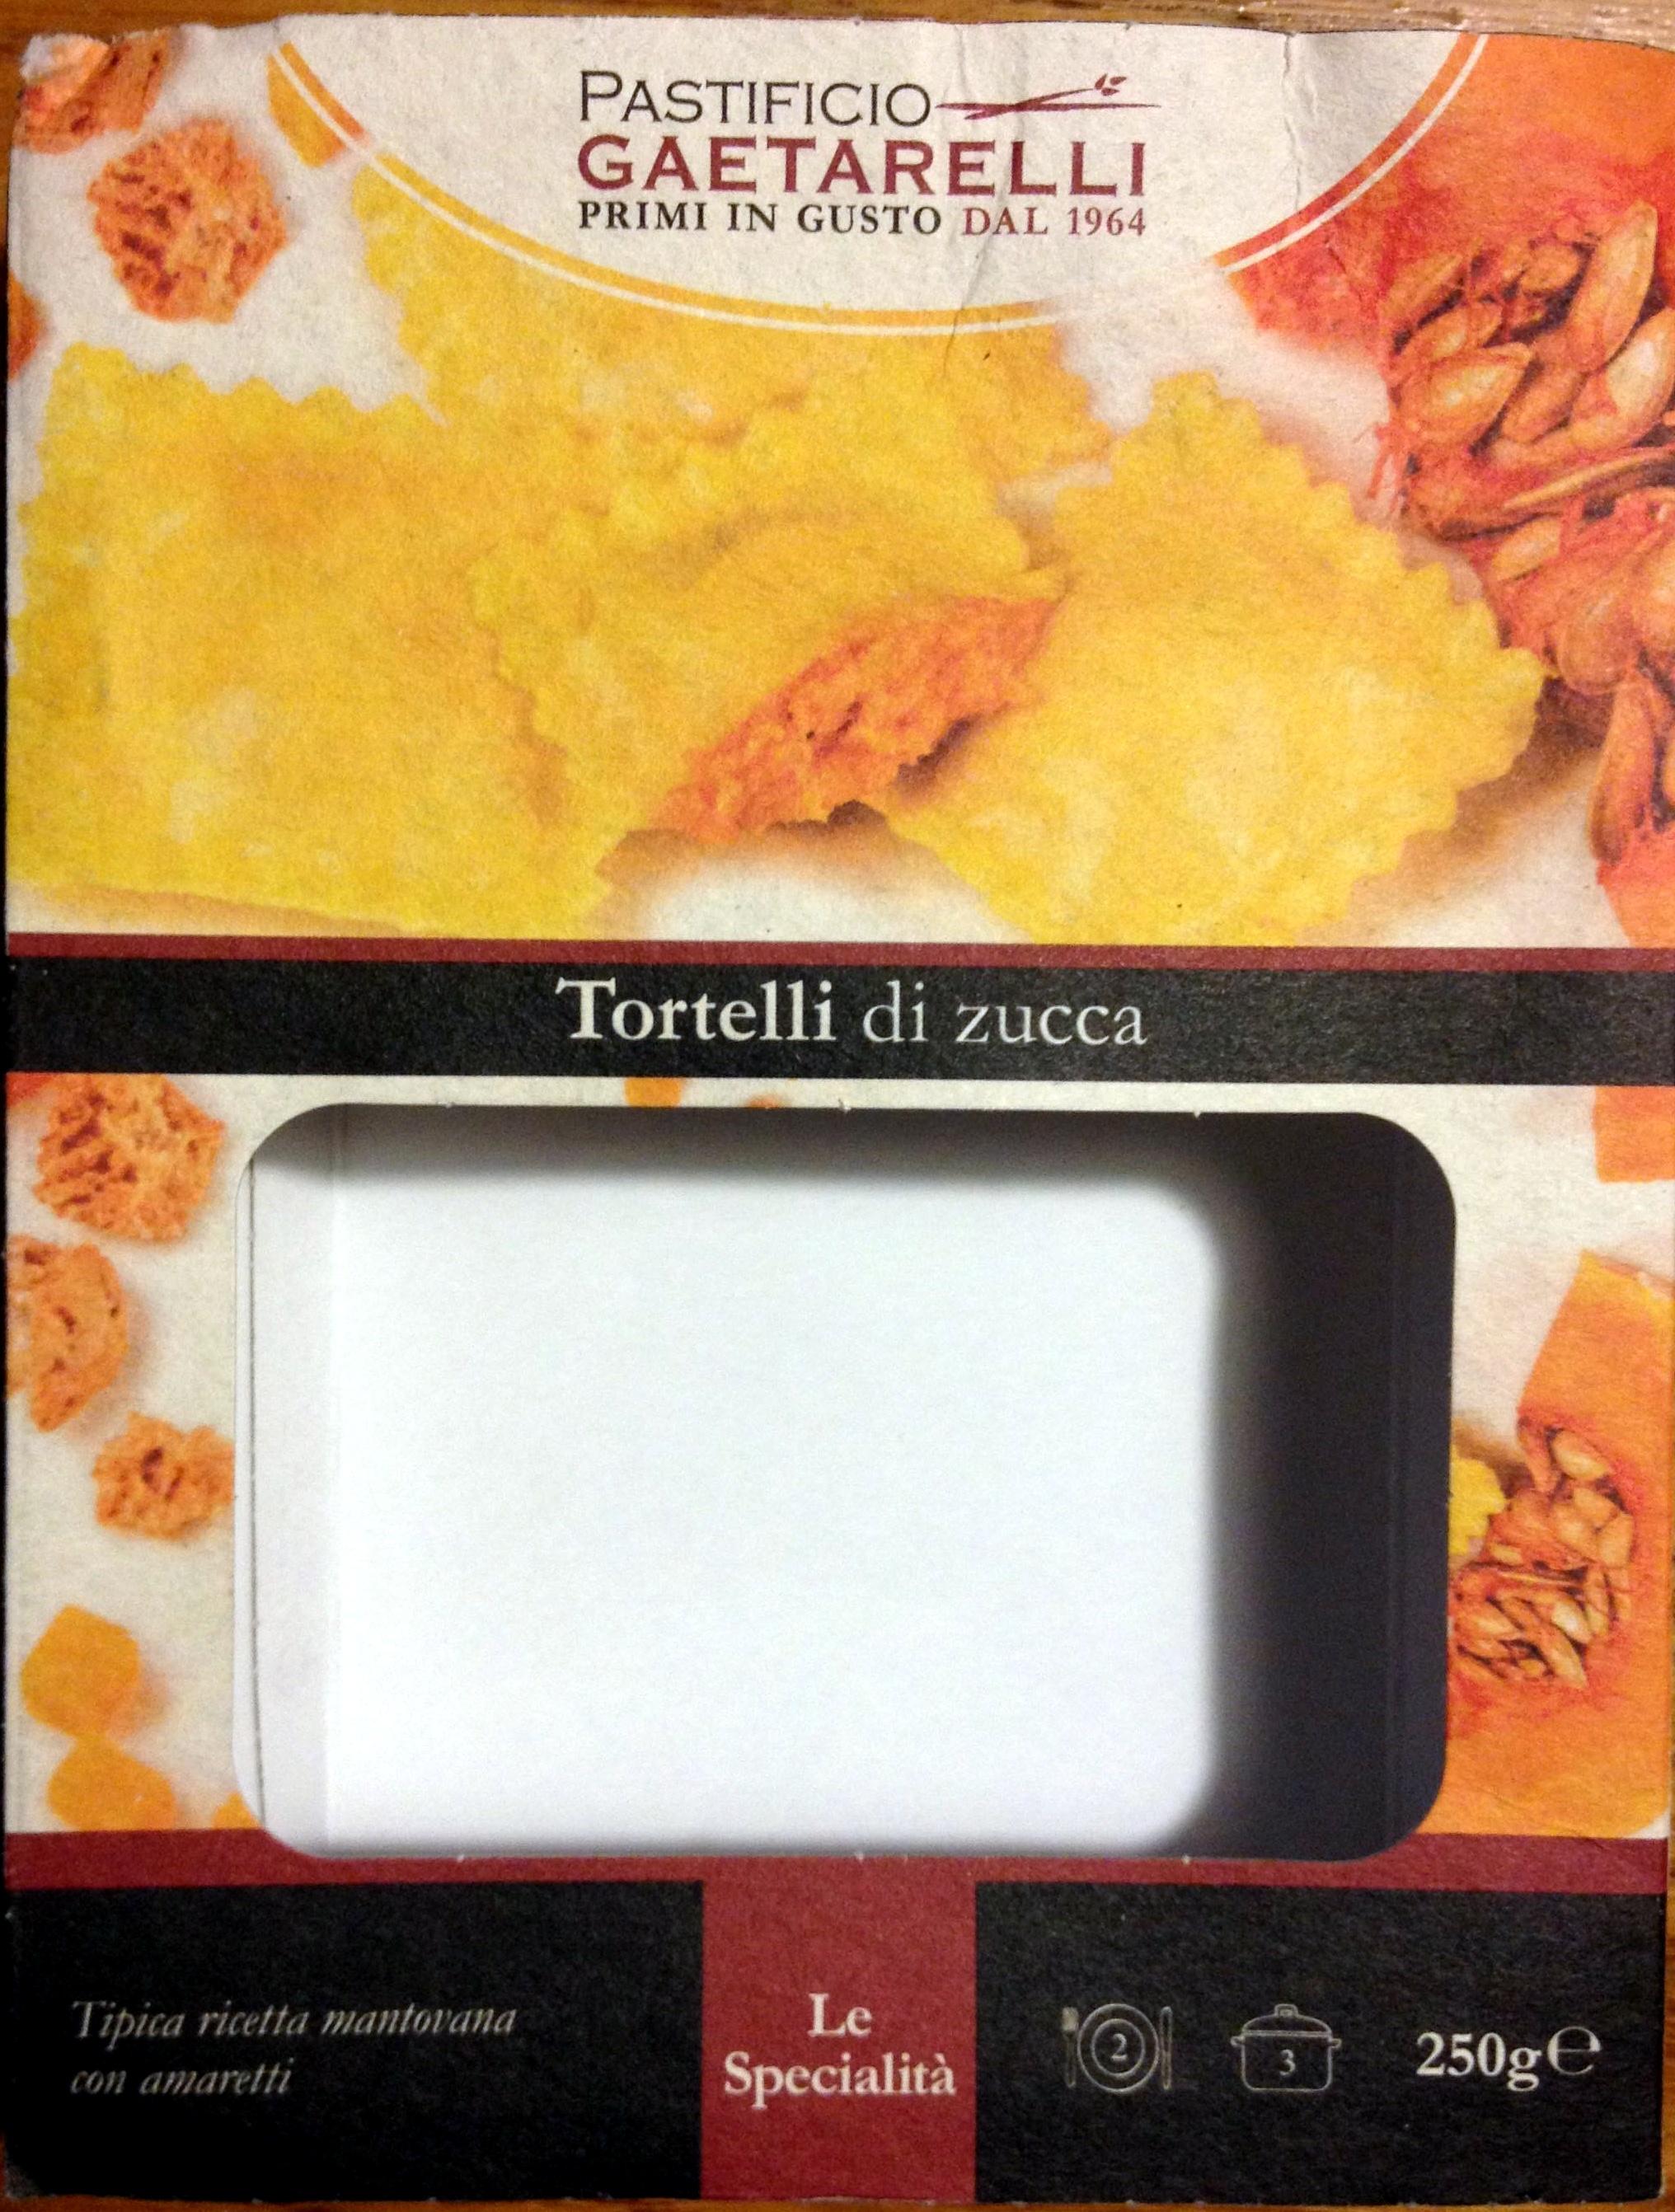 Tortelli di zucca - Product - it